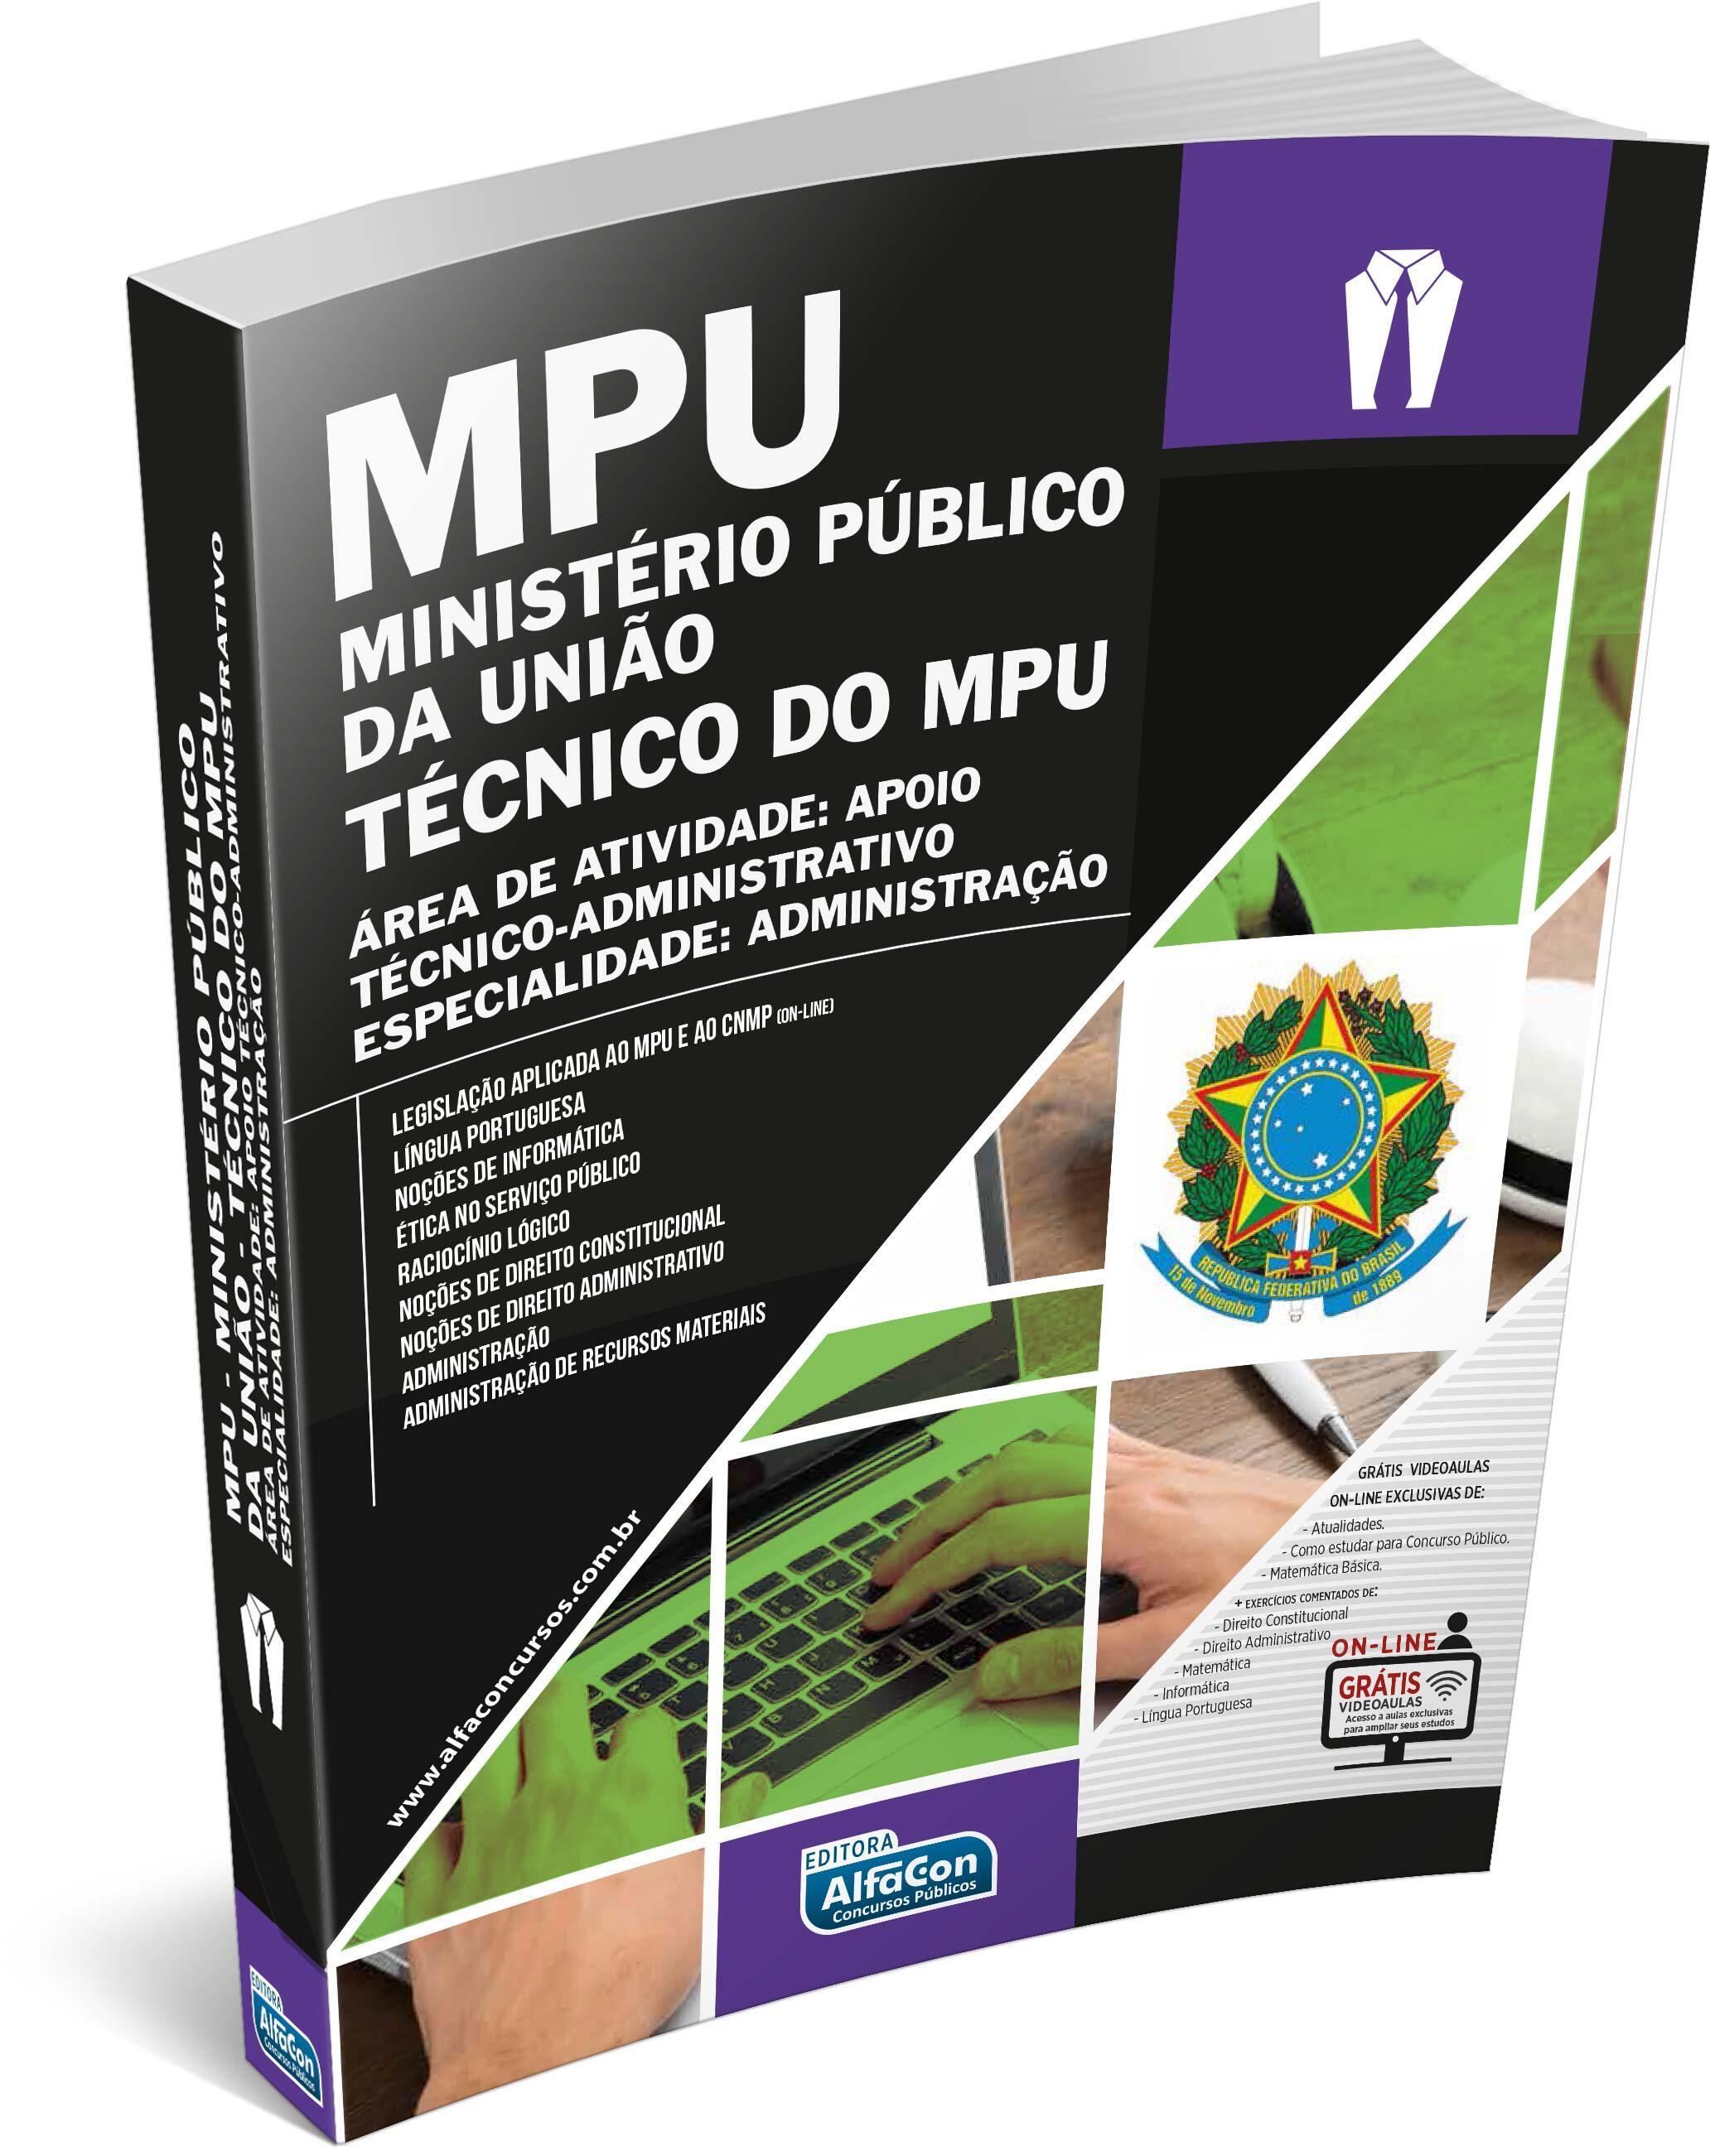 Mpu site